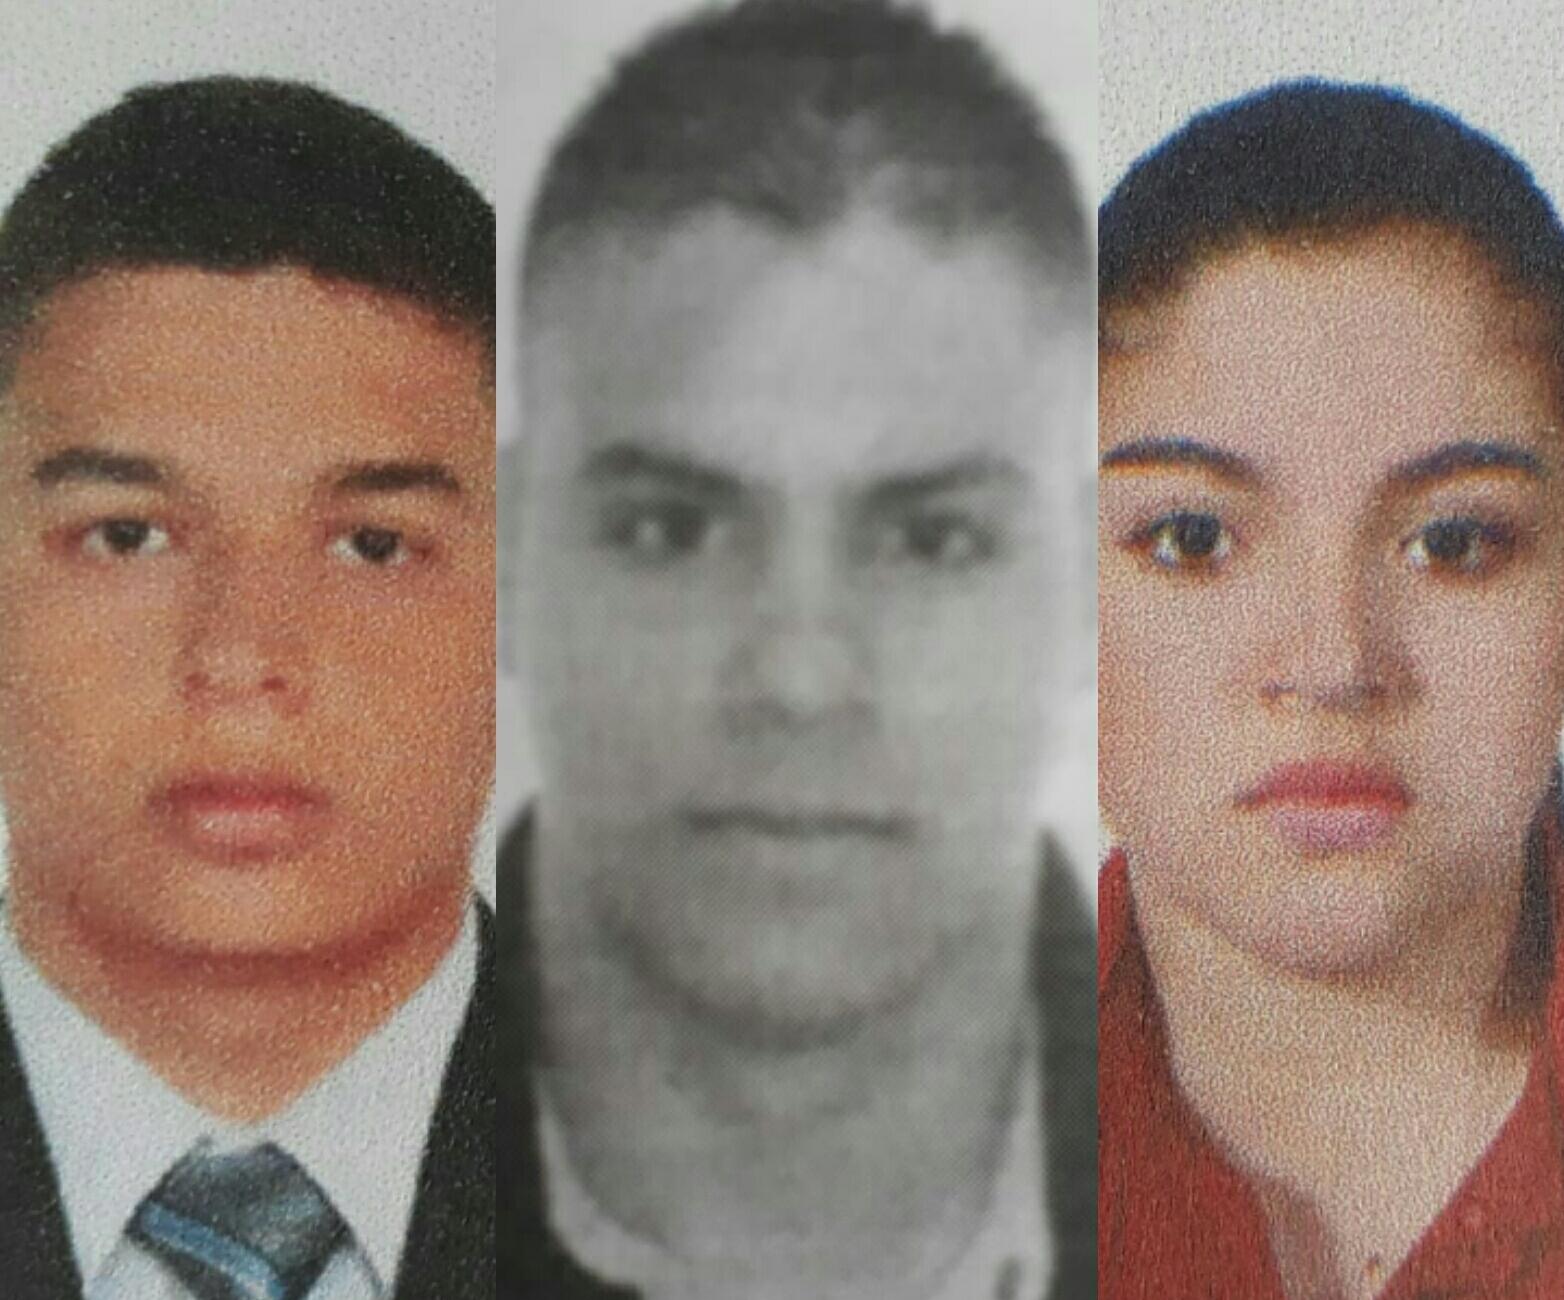 A prisión, presuntos responsables de homicidio de comerciante en Copacabana - Alerta Paisa